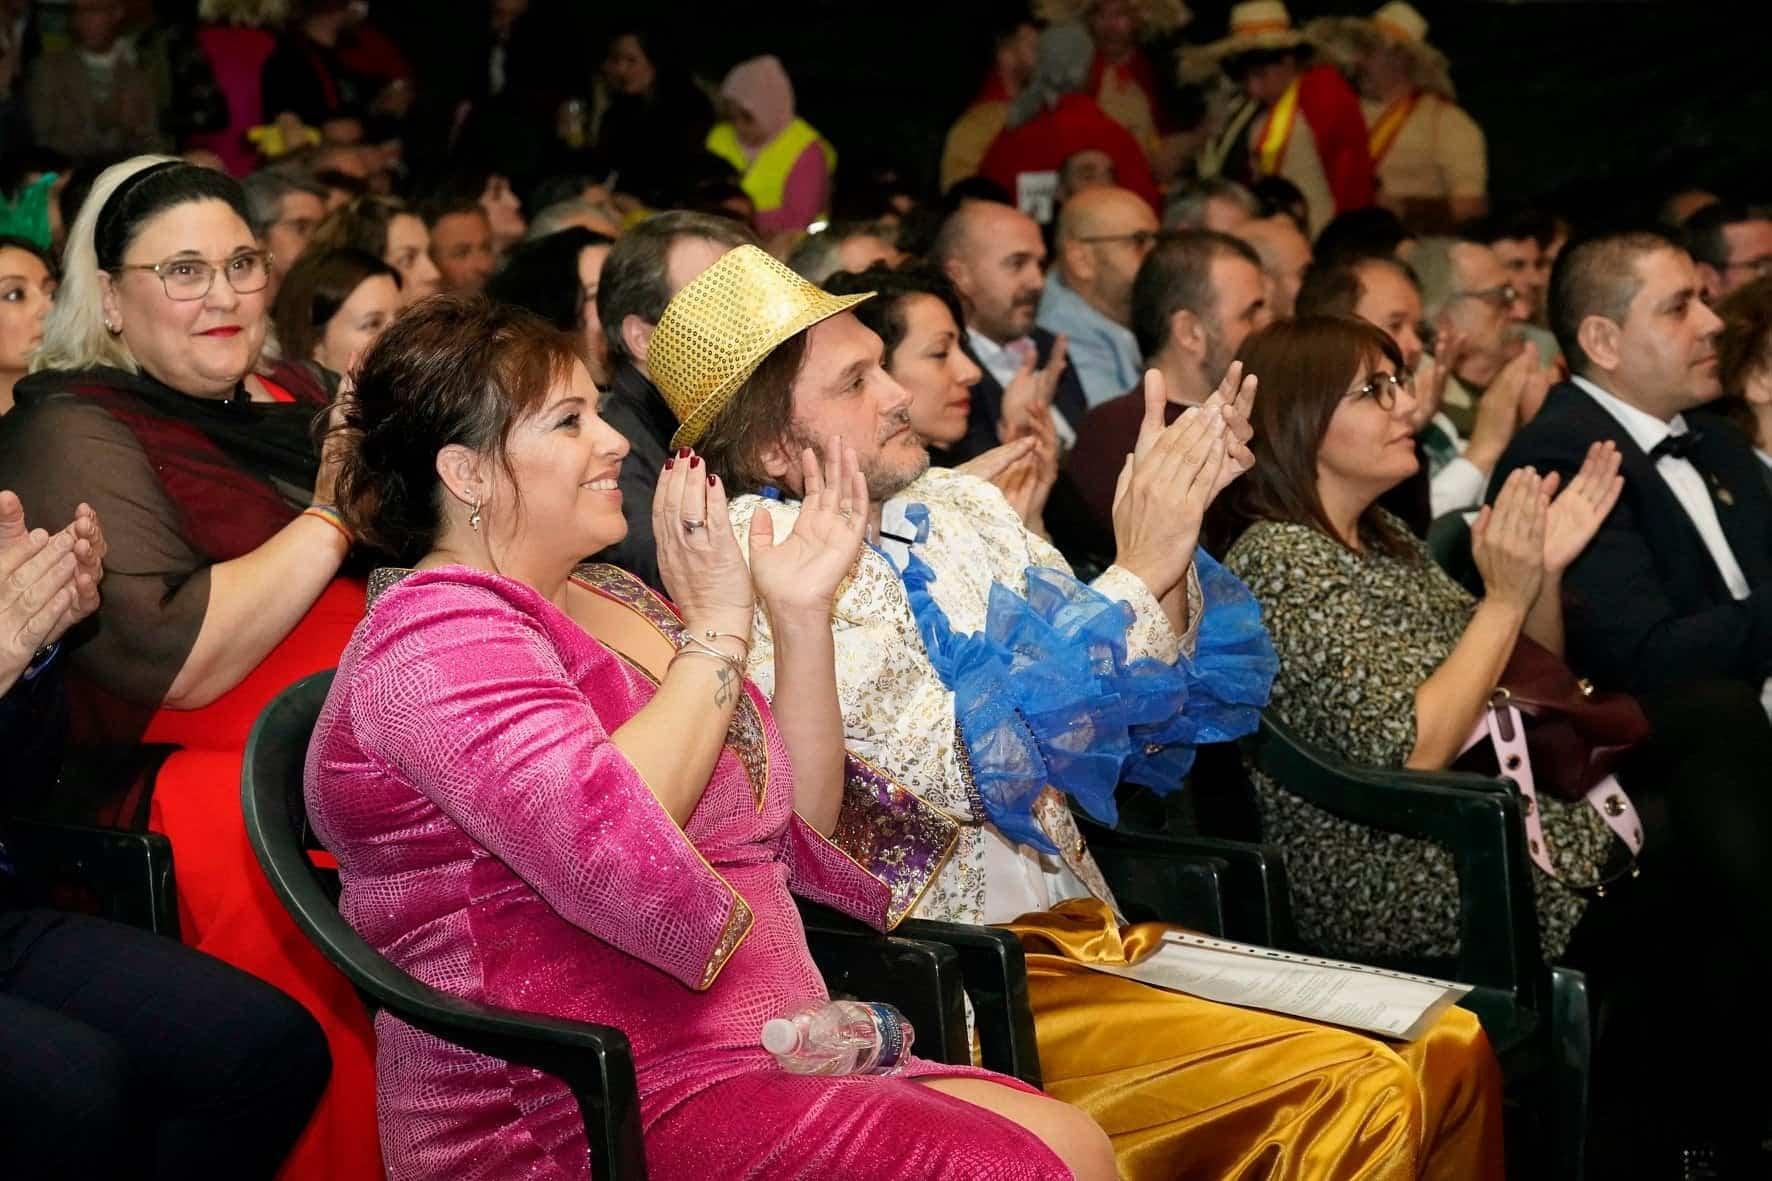 inauguracion carnaval 2020 herencia 17 - Inauguración del Carnaval de Herencia 2020